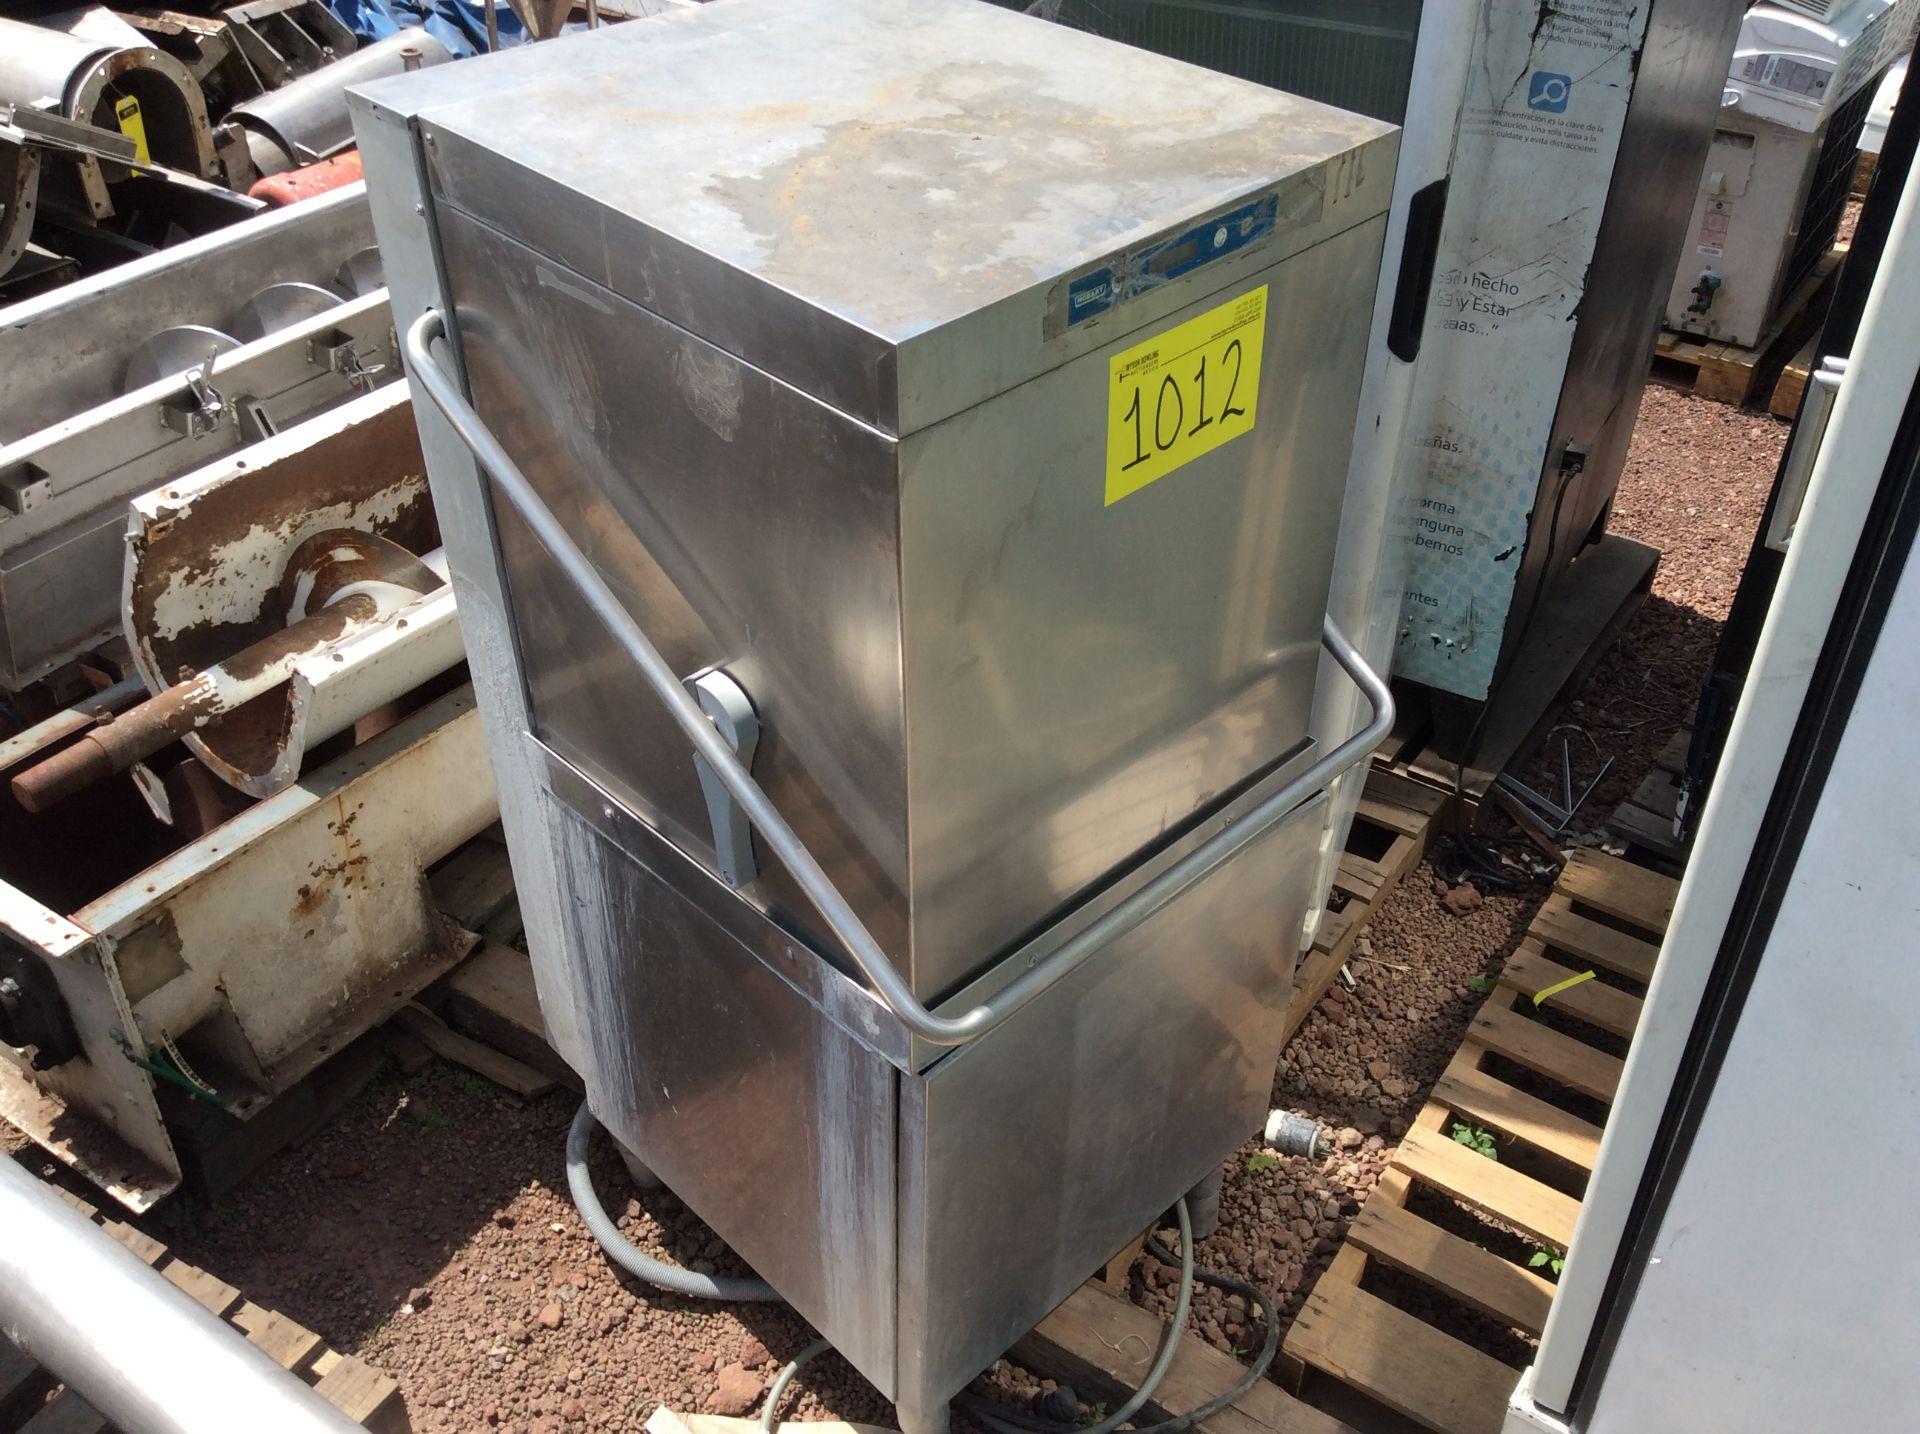 1 AMS Vending machine, 1 Hobart dishwasher - Image 7 of 11